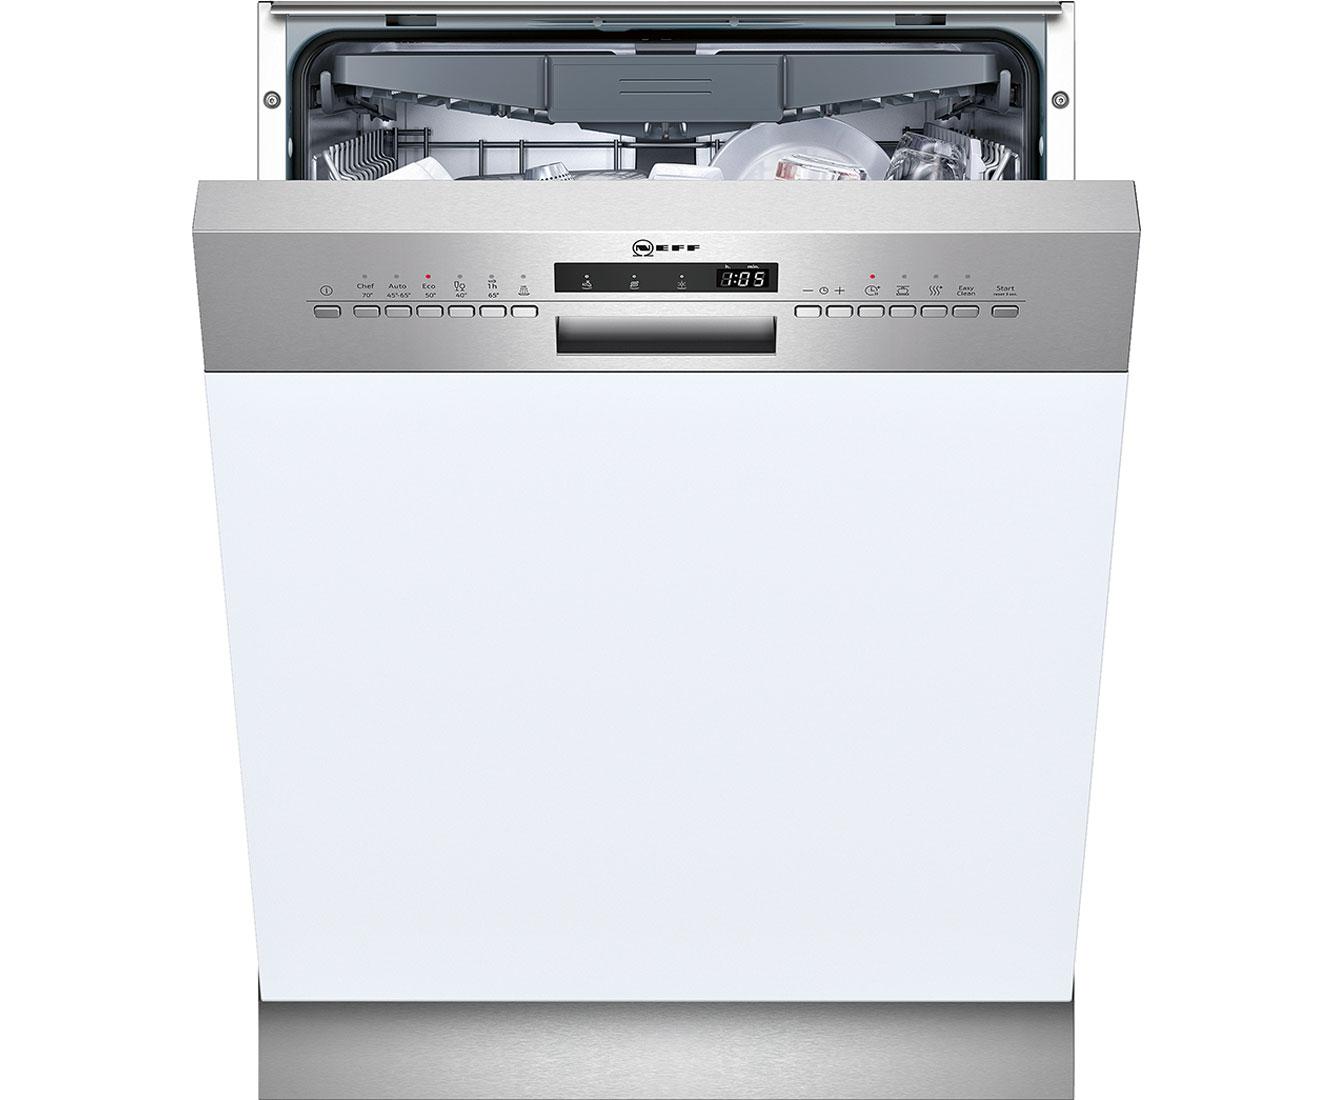 Neff GI3600KN Geschirrspüler 60 cm - Edelstahl   Küche und Esszimmer > Küchenelektrogeräte > Gefrierschränke   Edelstahl   Neff